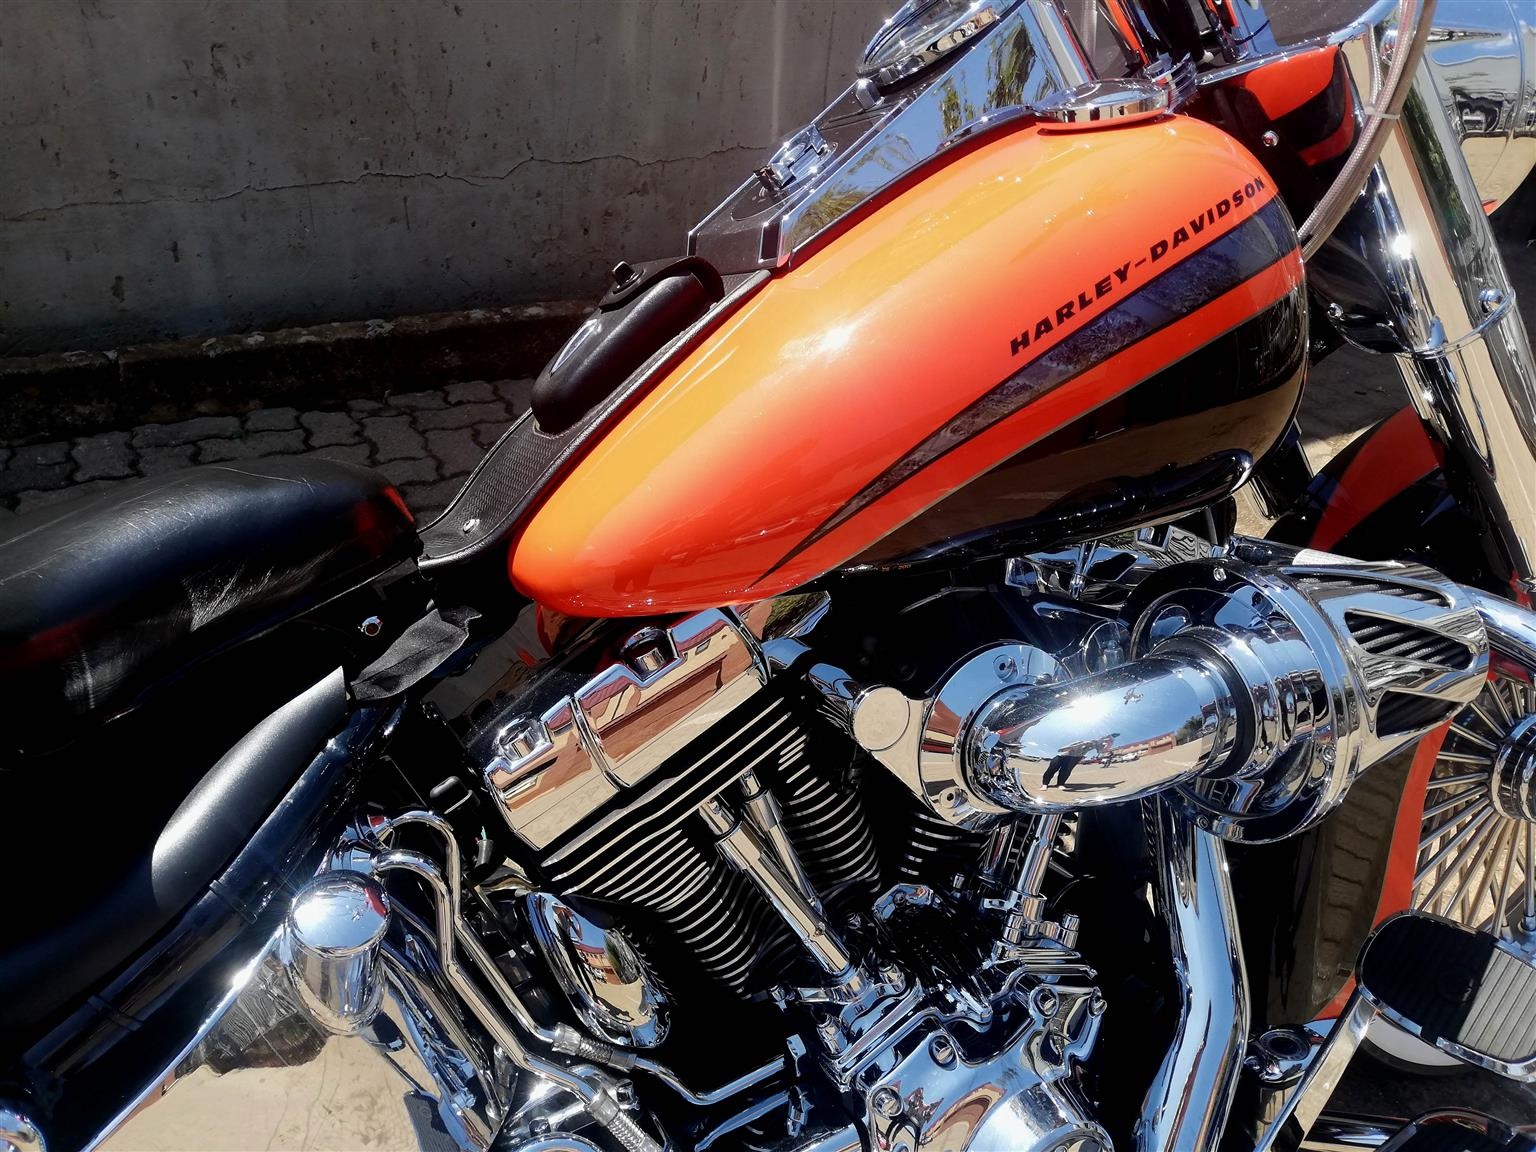 2013 Harley Davidson Softail